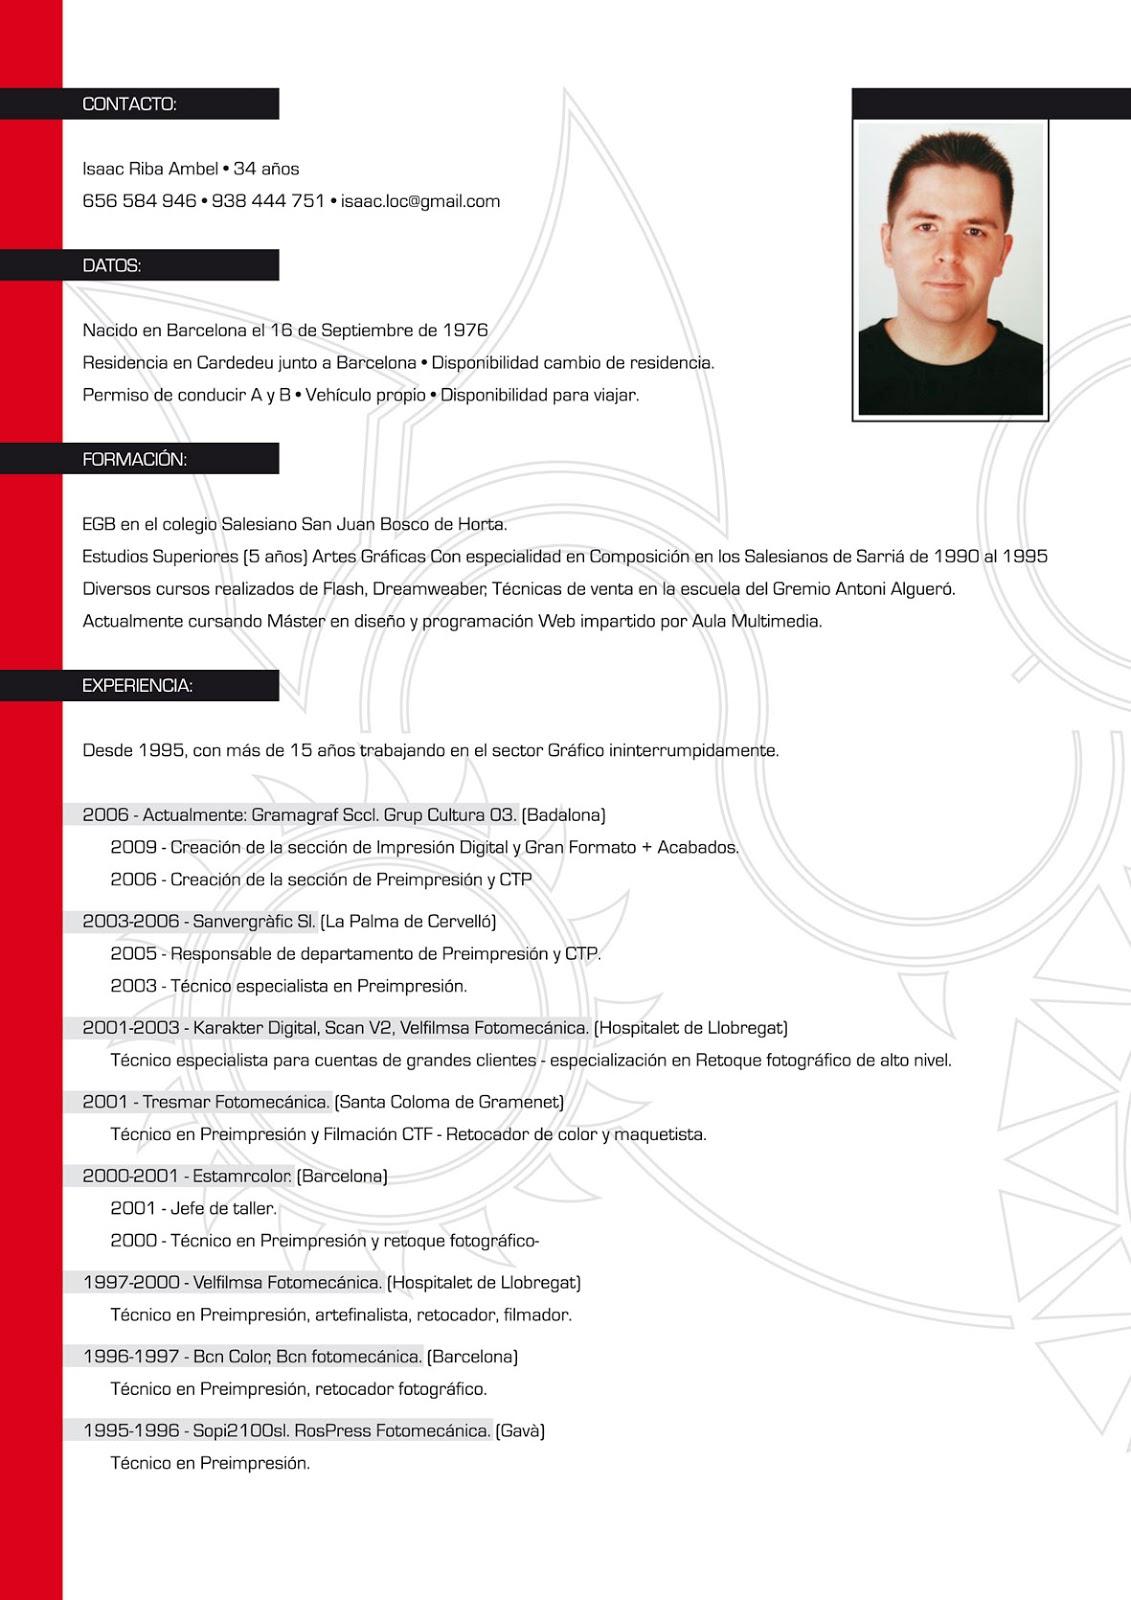 Curriculum Vitae Free Cv Exle ~ Curriculum Vitae